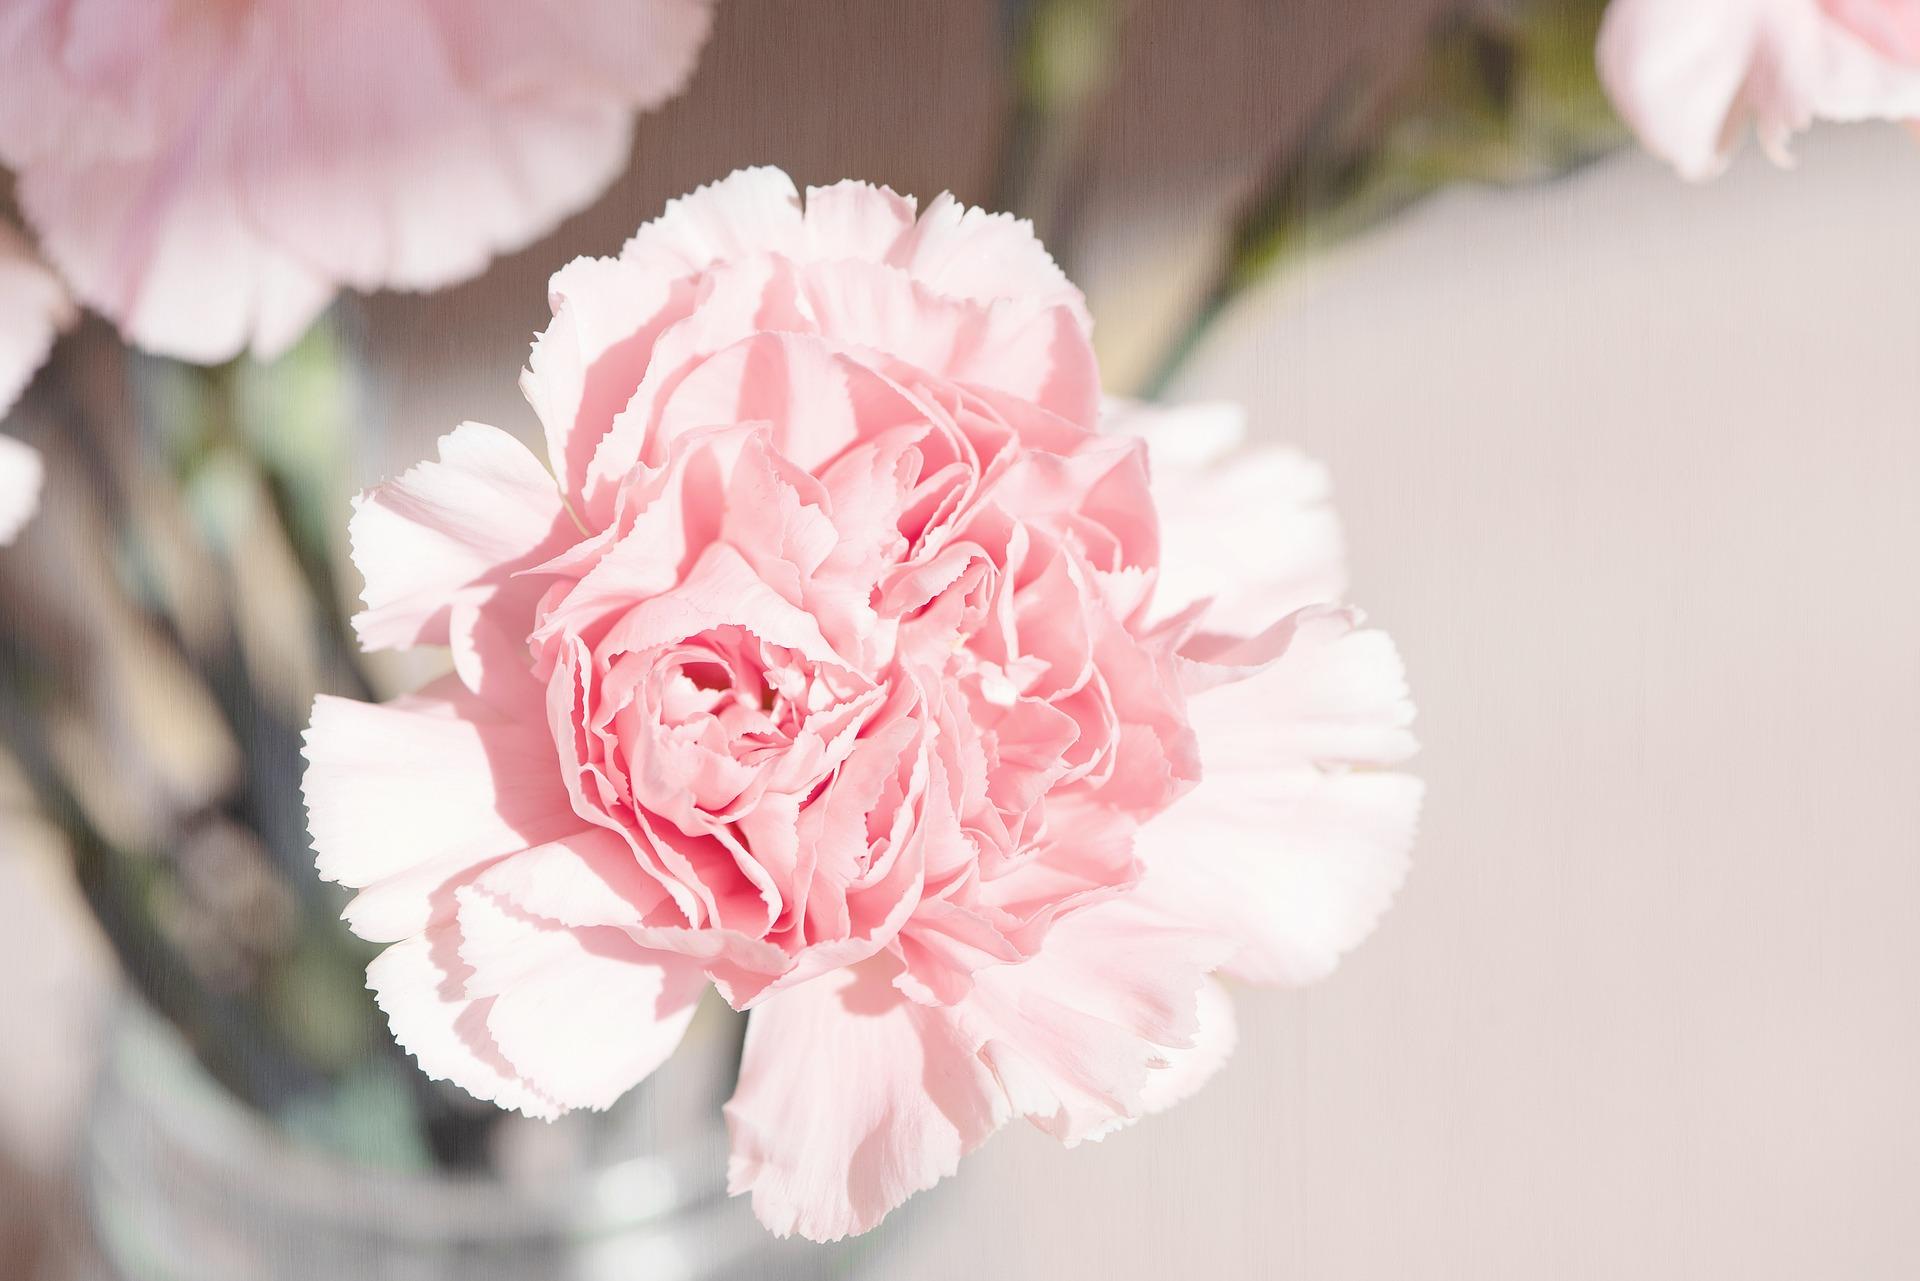 Svelniai rožinio šabo gvazdiko žiedas